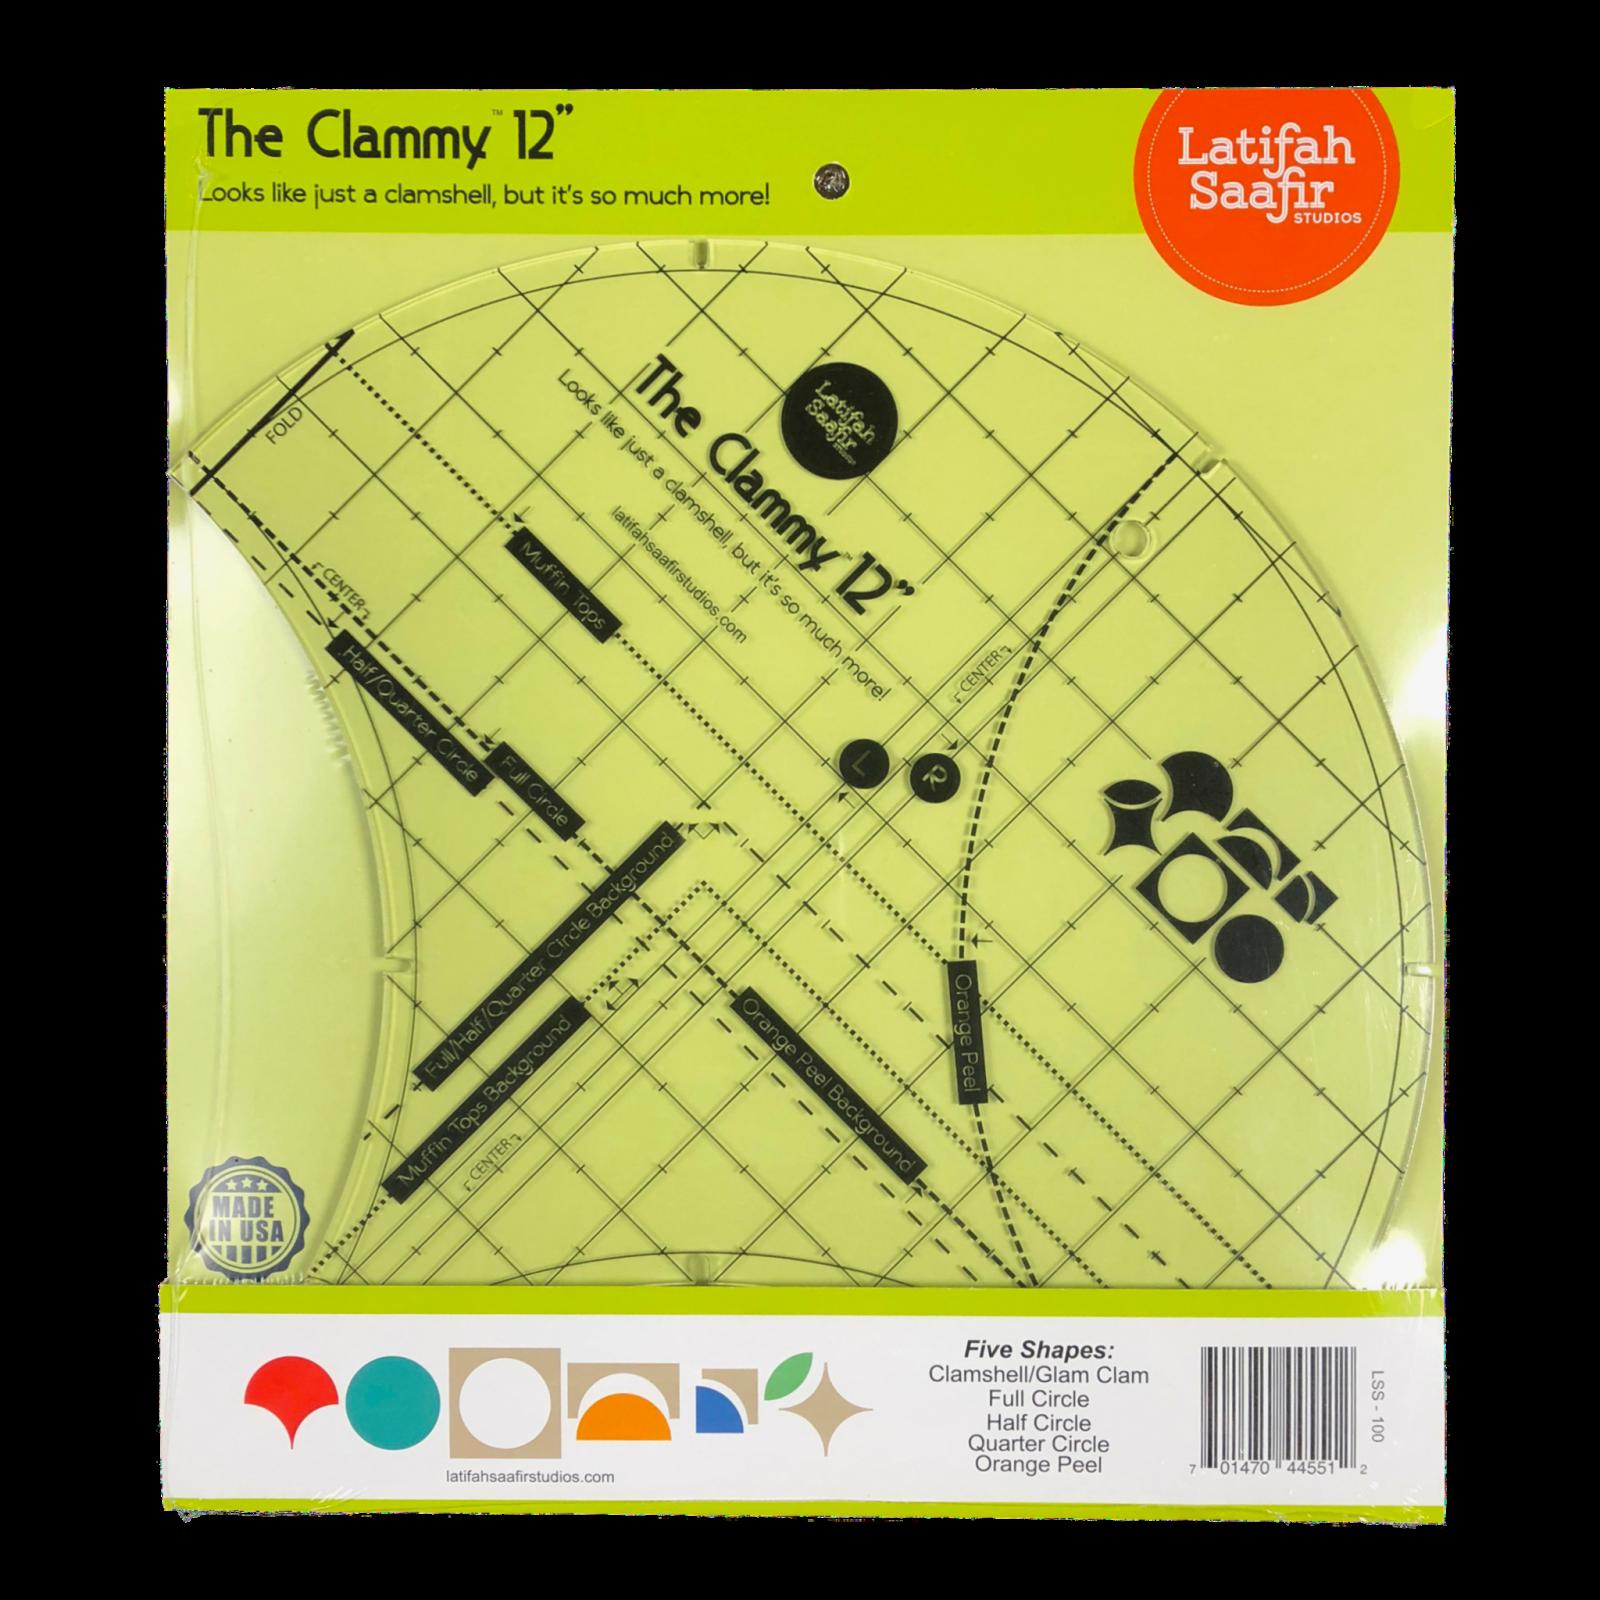 The Clammy 12